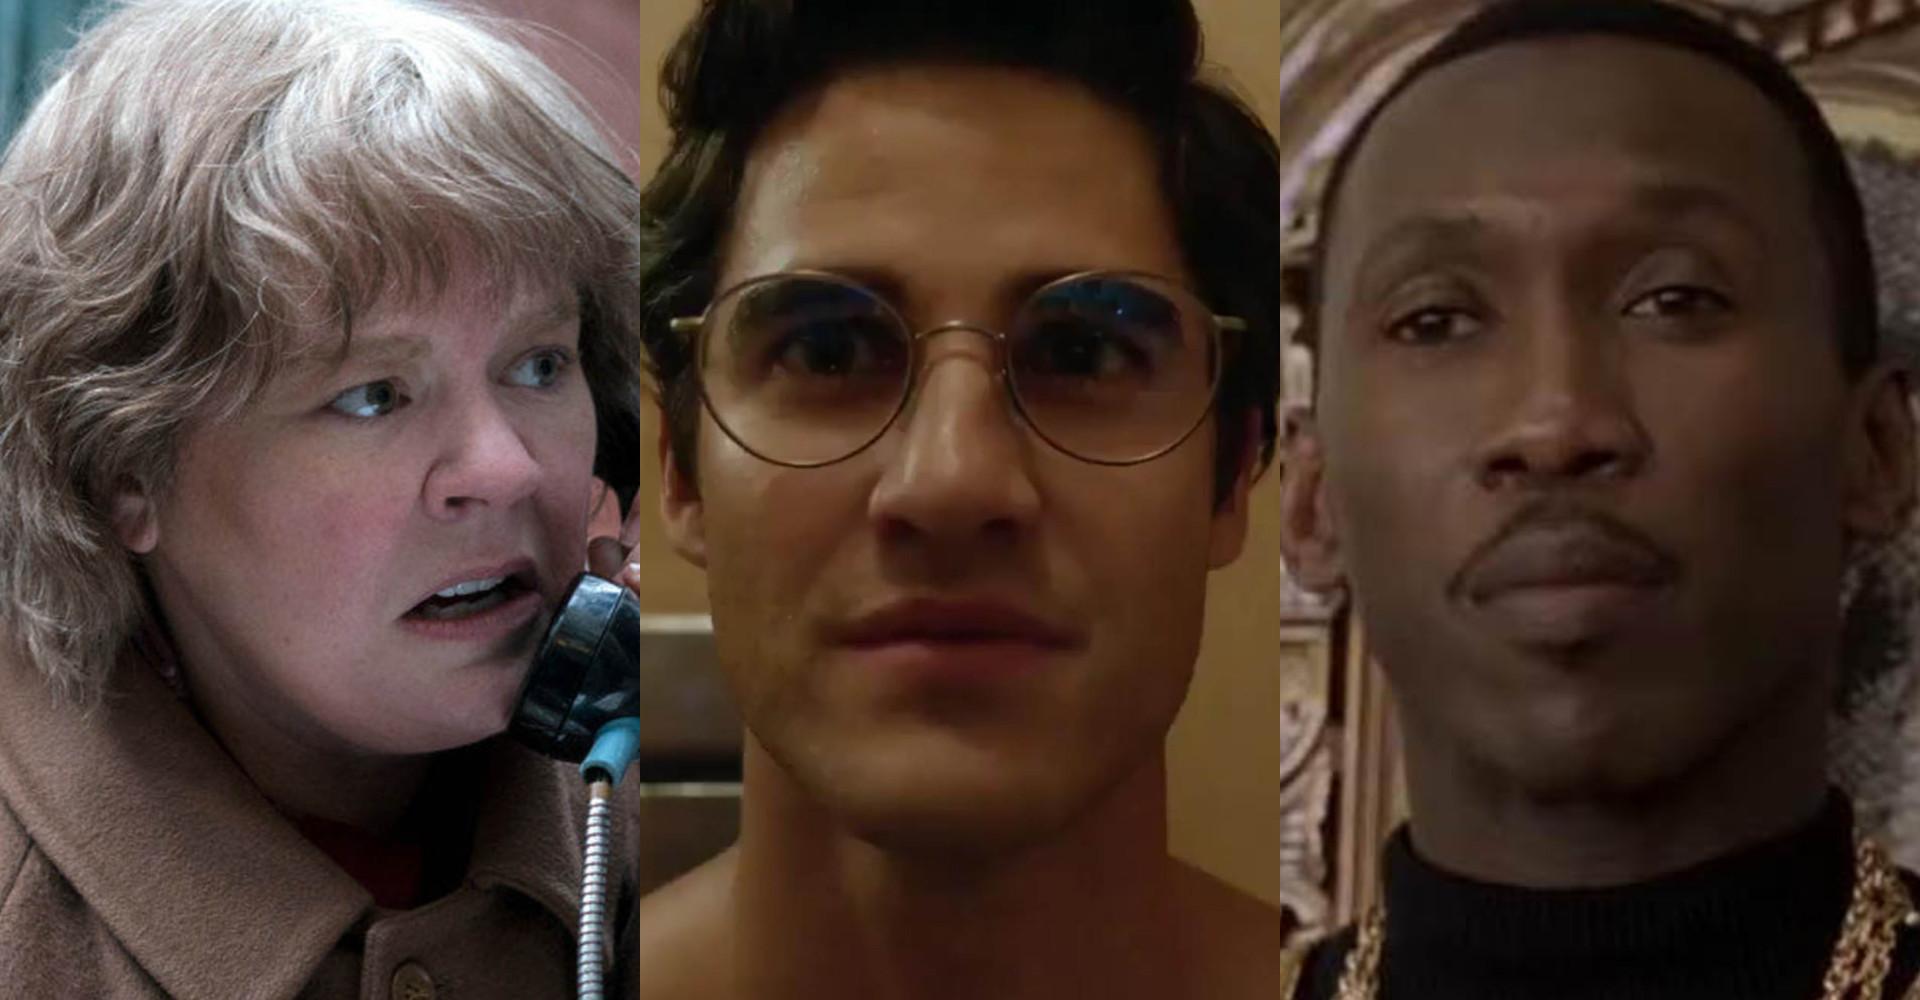 Les films et séries télé LGBT nommés aux SAG Awards 2019